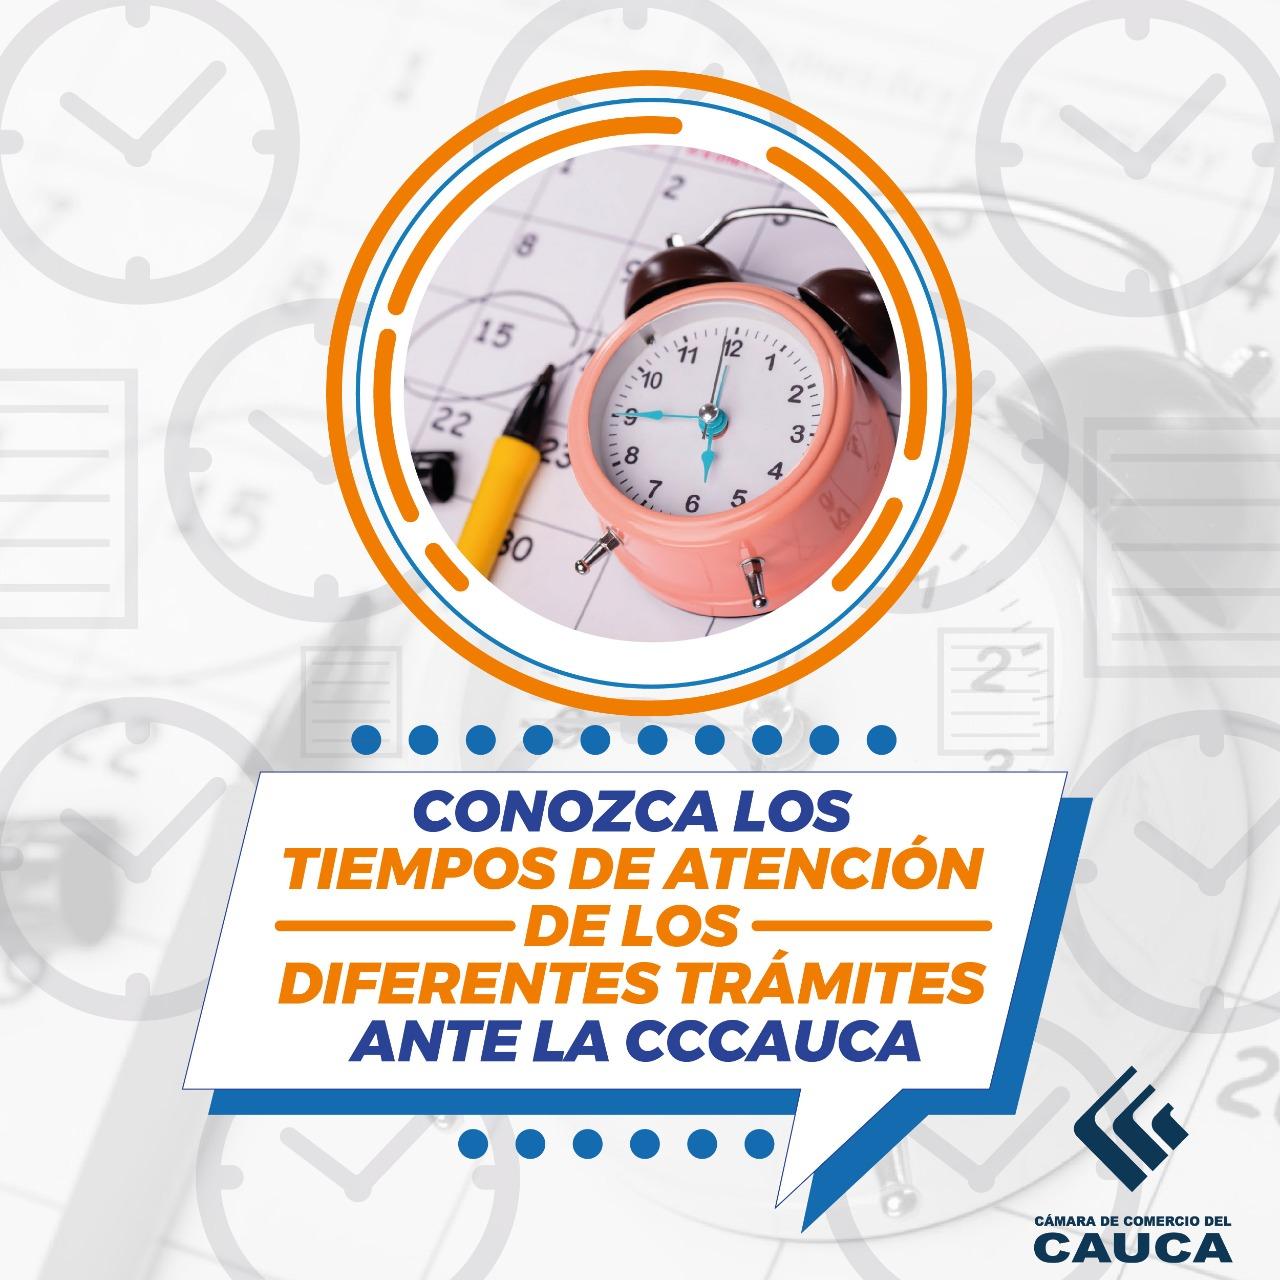 https://www.cccauca.org.co/actualidad/noticias/conozca-los-tiempos-de-atencion-de-los-diferentes-tramites-ante-la-cccauca